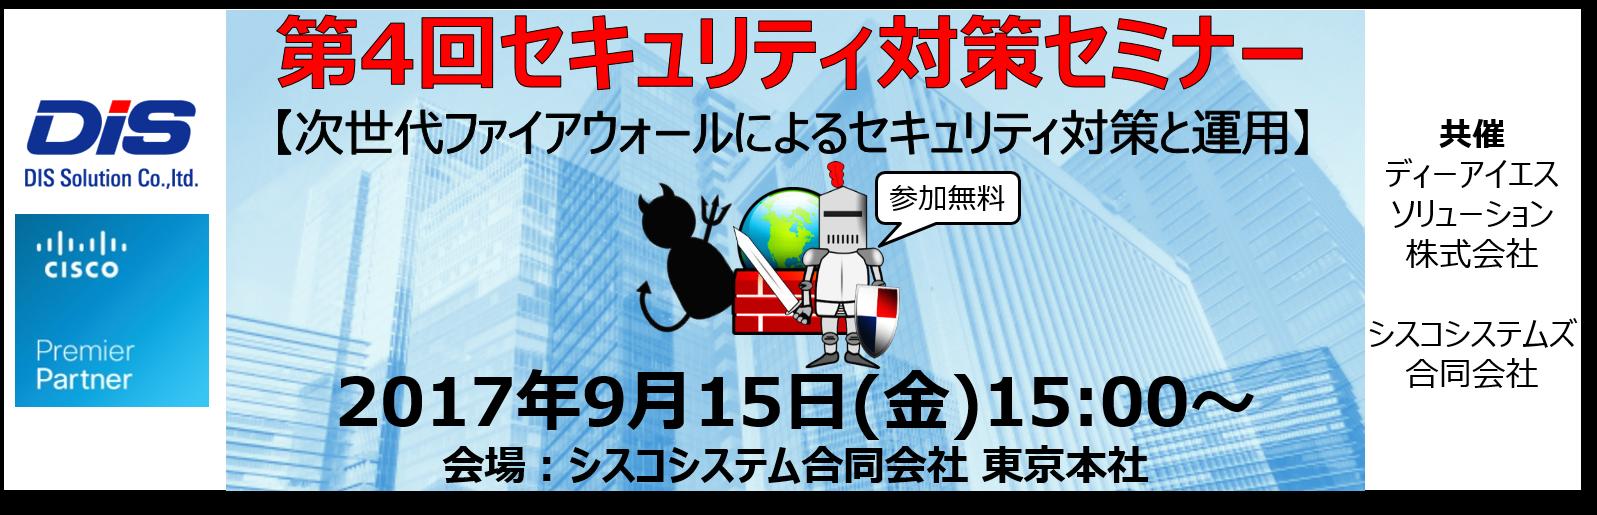 20170915東京キャラバン(申し込みサイトバナー)